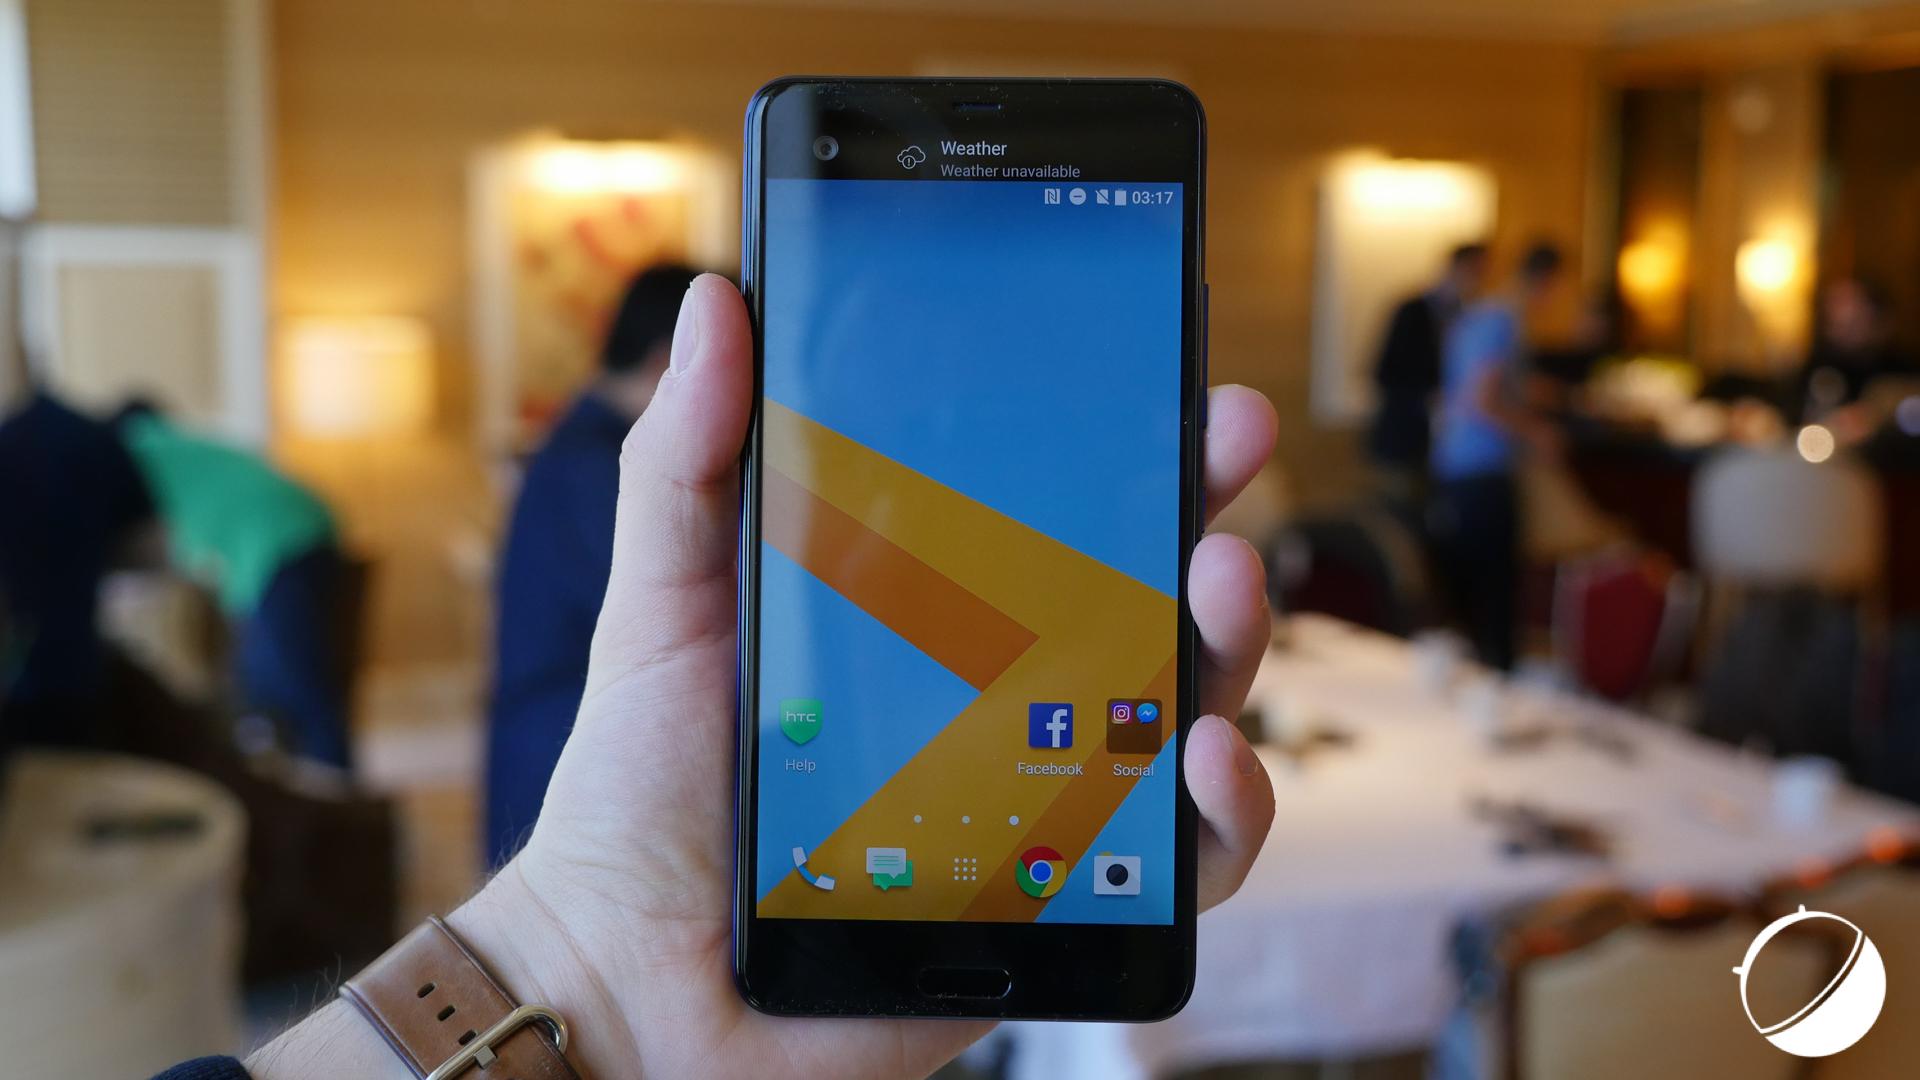 Le HTC U Ultra est une alternative au Samsung Galaxy Note 7, pas le flagship de l'année